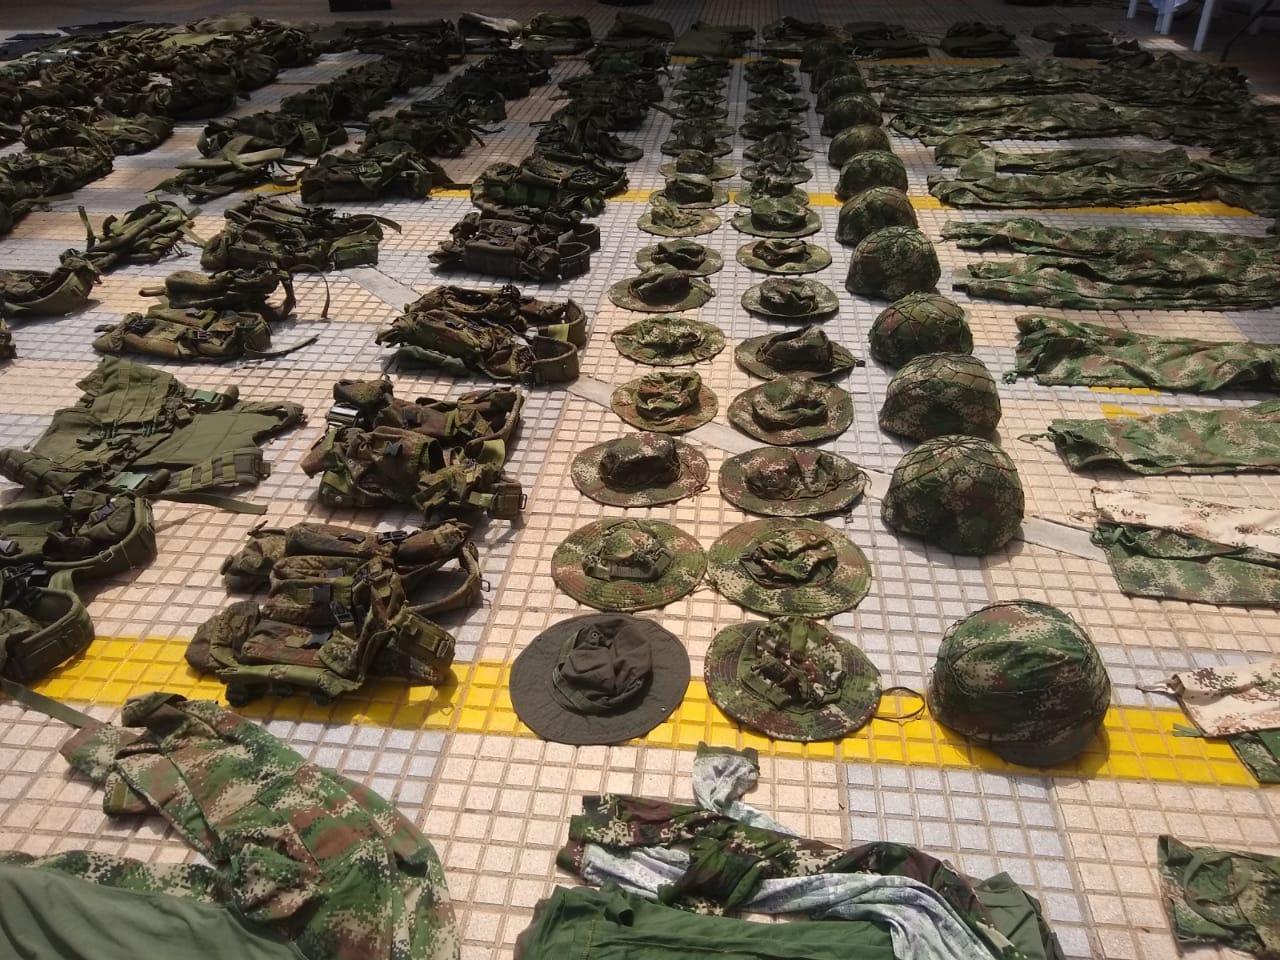 Una gran cantidad de uniformes incautaron en el procedimiento.